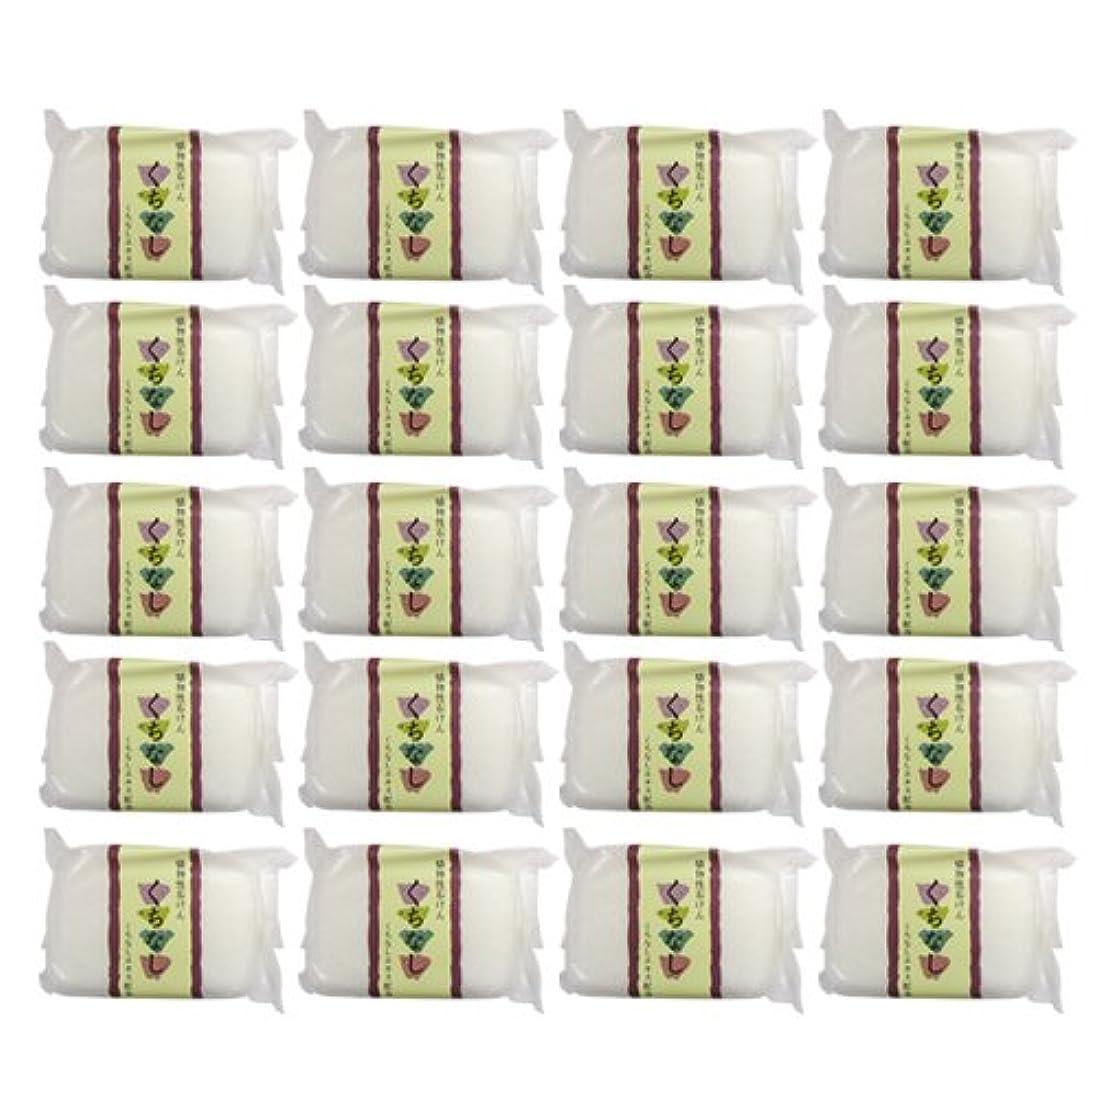 予算スプーン樹木植物性ソープ 自然石けん くちなし 80g×20個セット